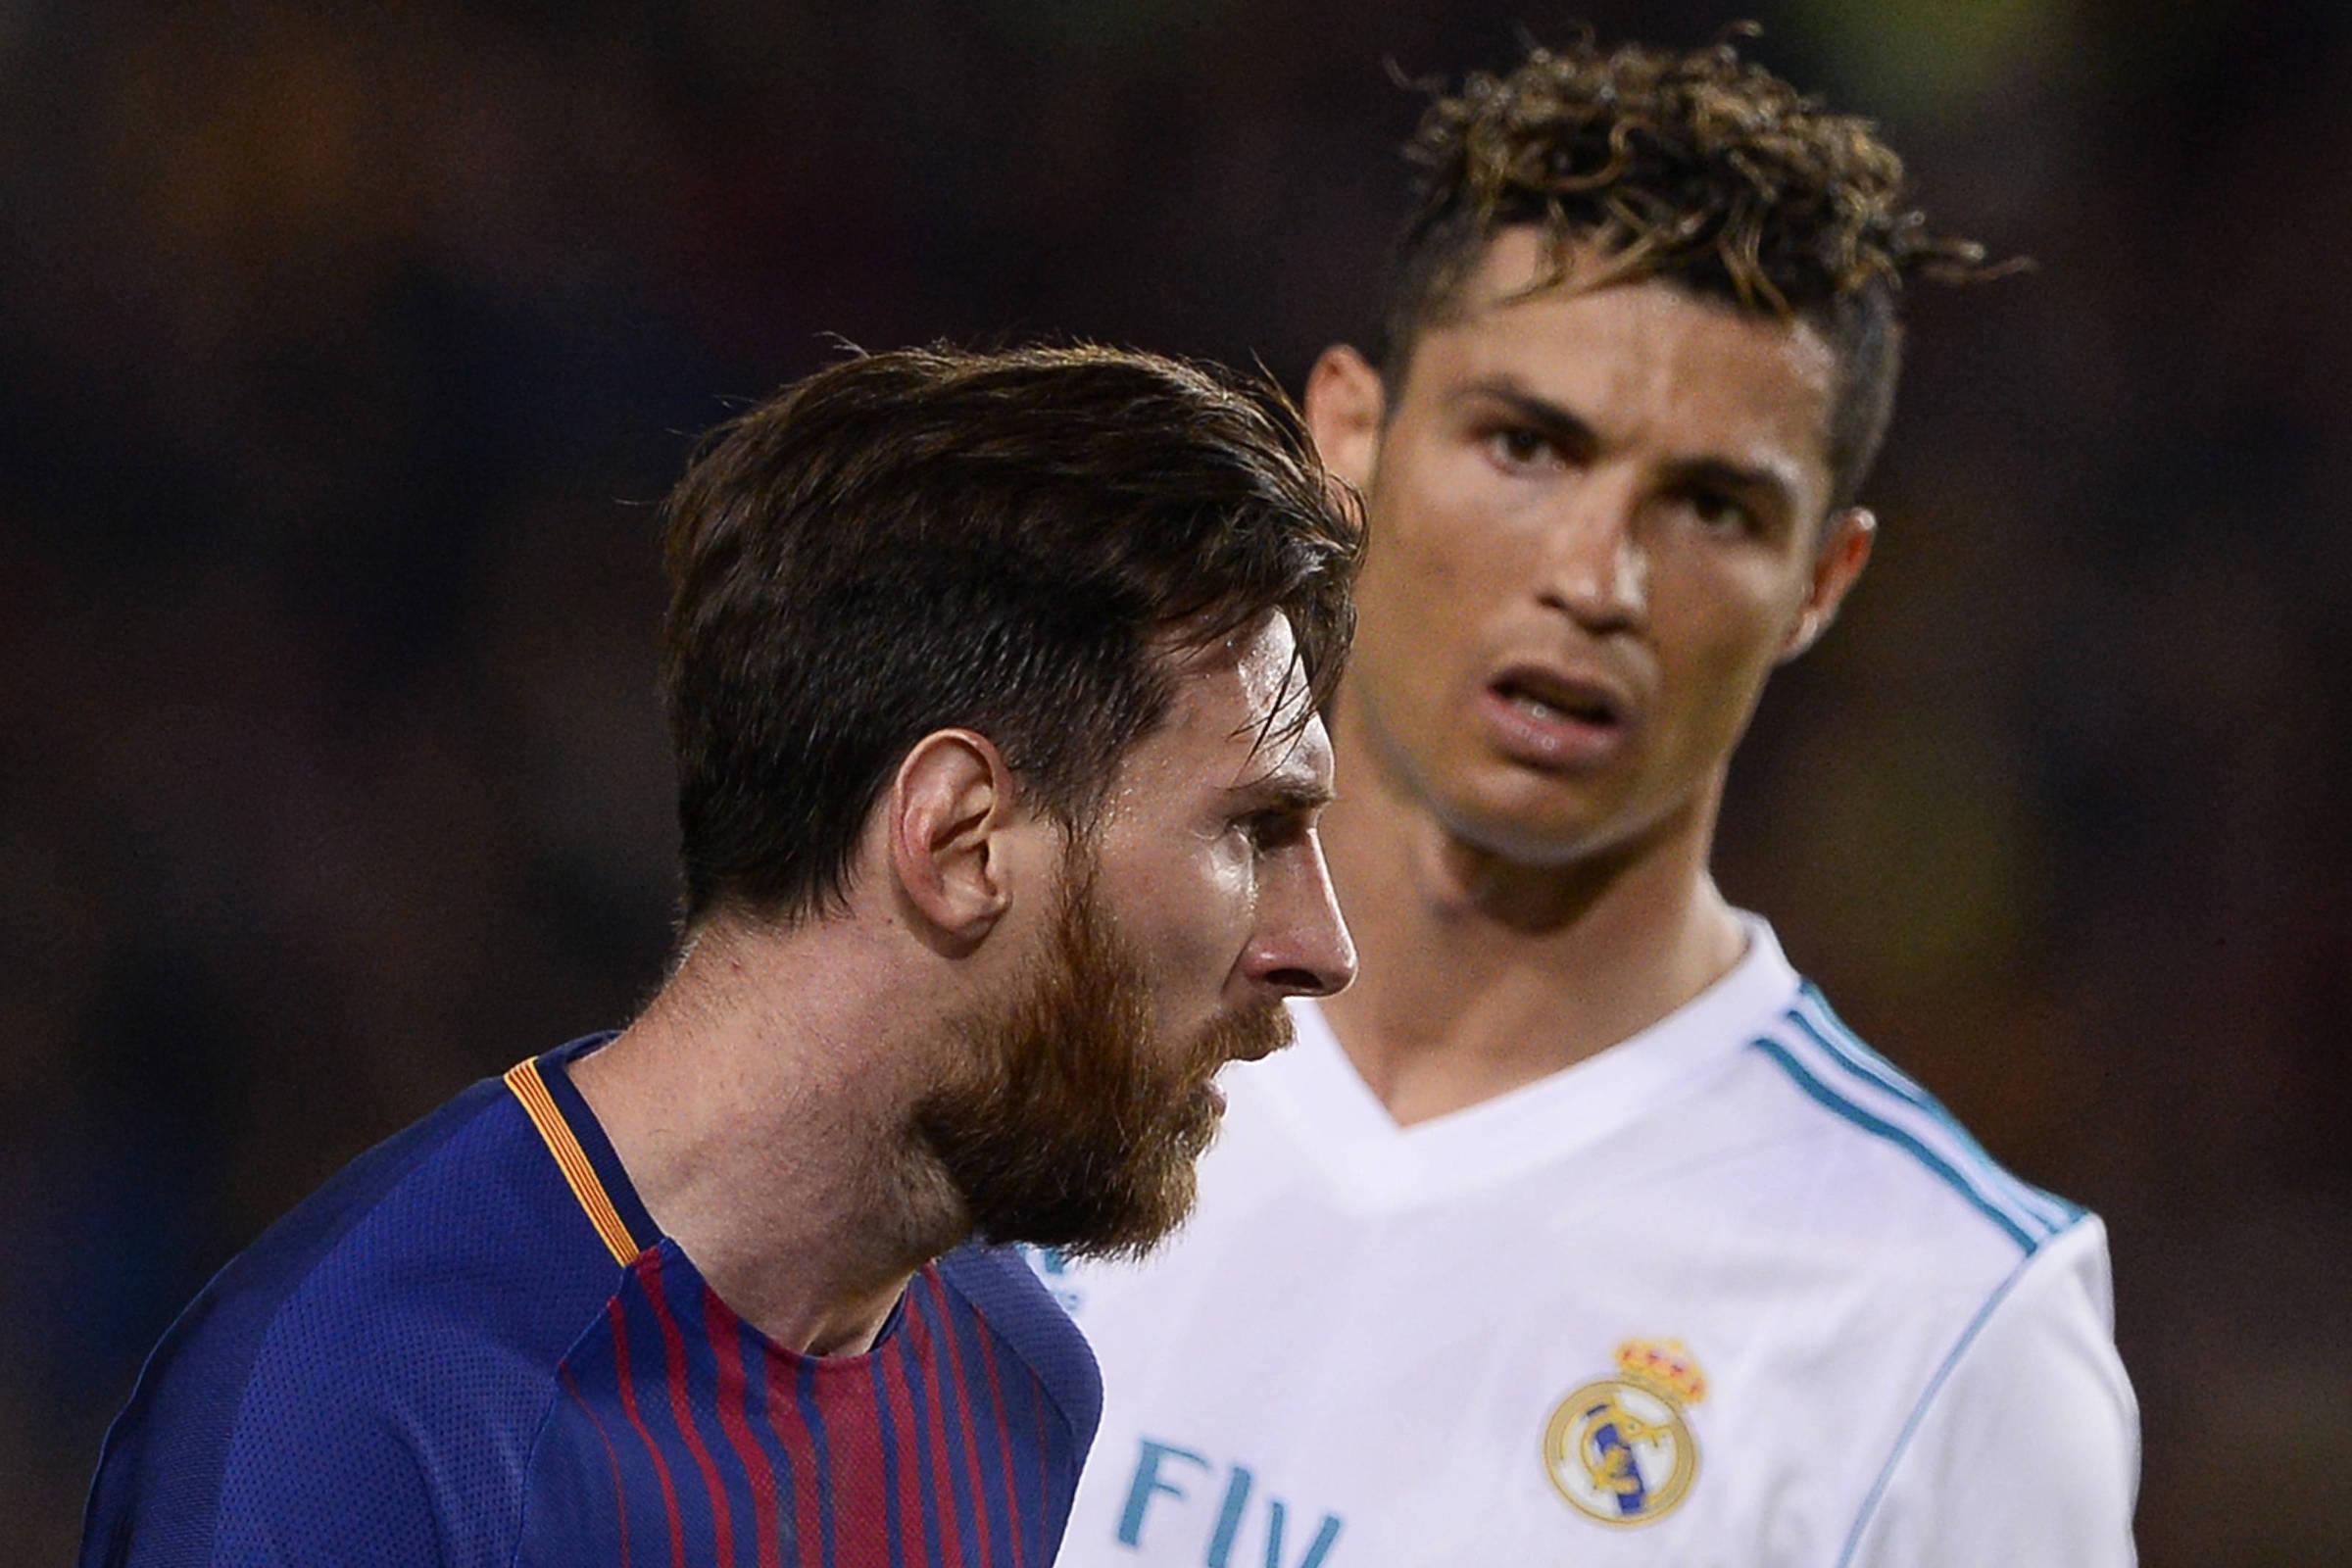 e790982846 Messi e Cristiano Ronaldo buscam última chance de ganhar Copa em alto nível  - 11 06 2018 - Esporte - Folha